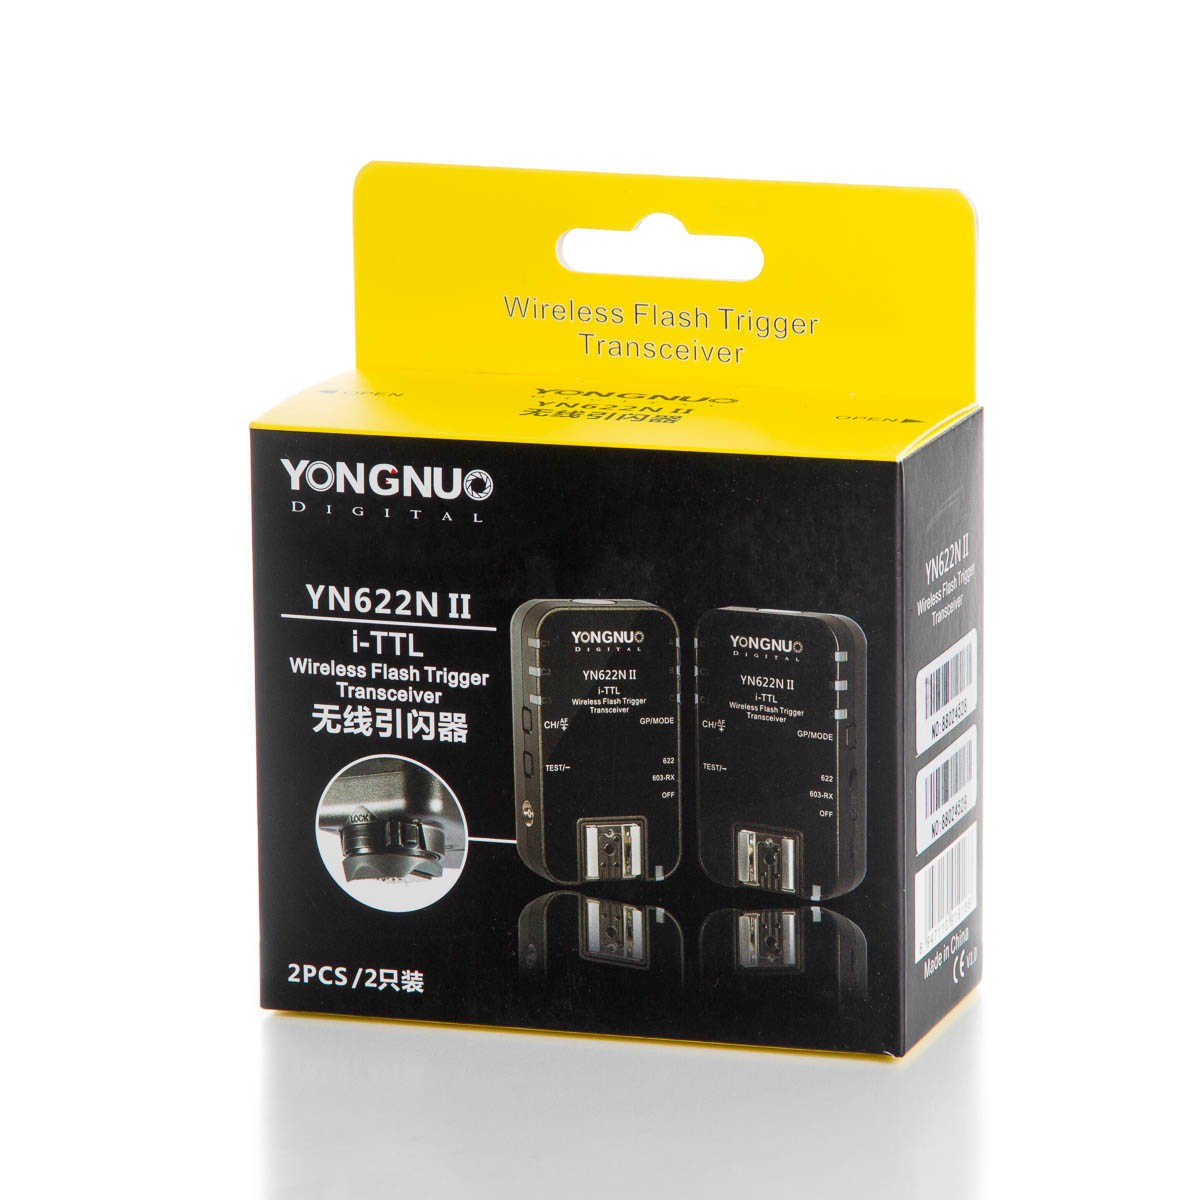 Rádio Flash i-TTL Yongnuo YN622N II para Nikon